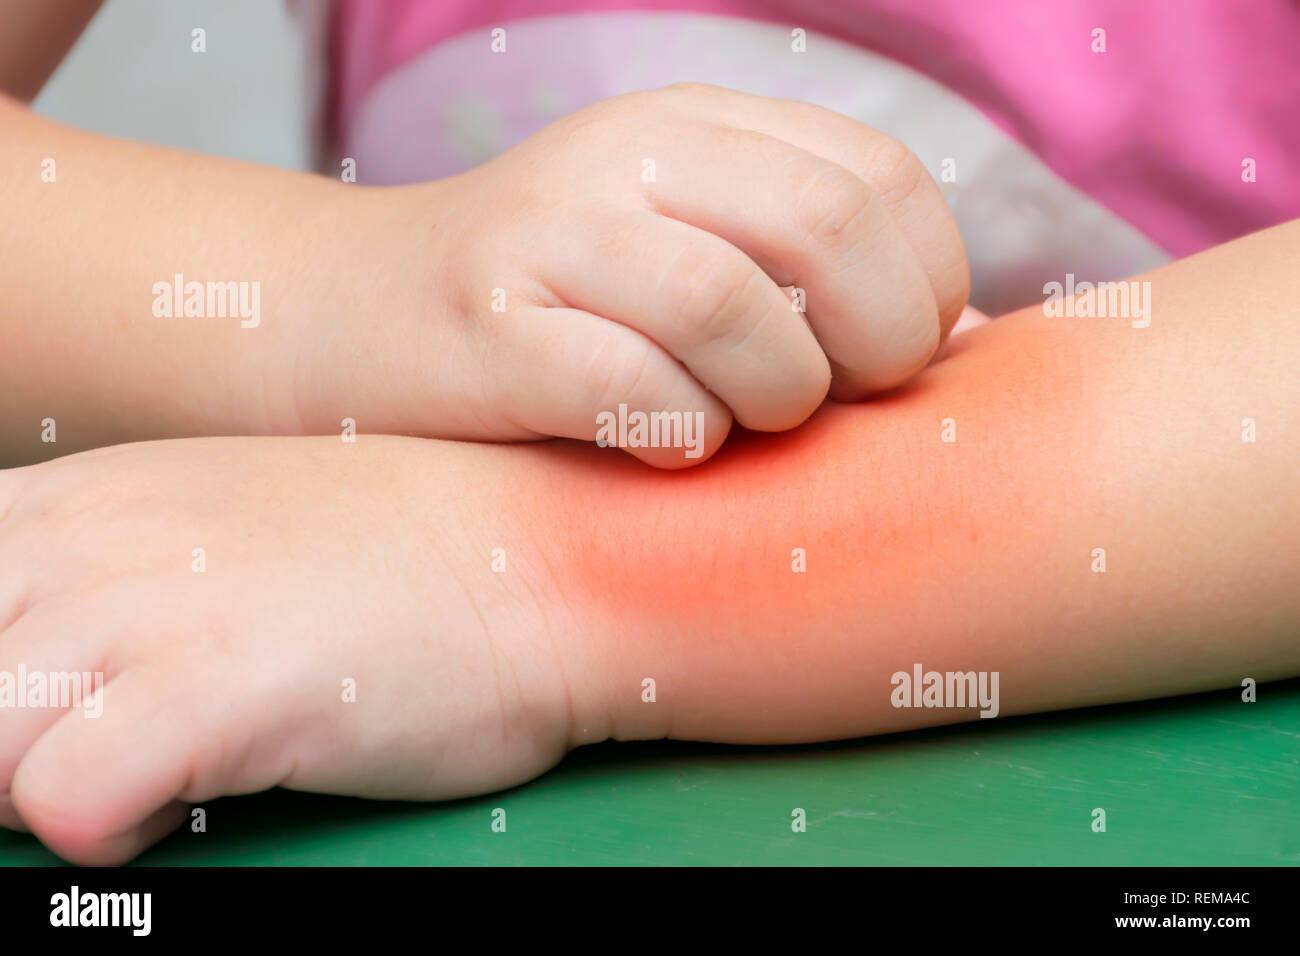 allergie gegen mückenstiche